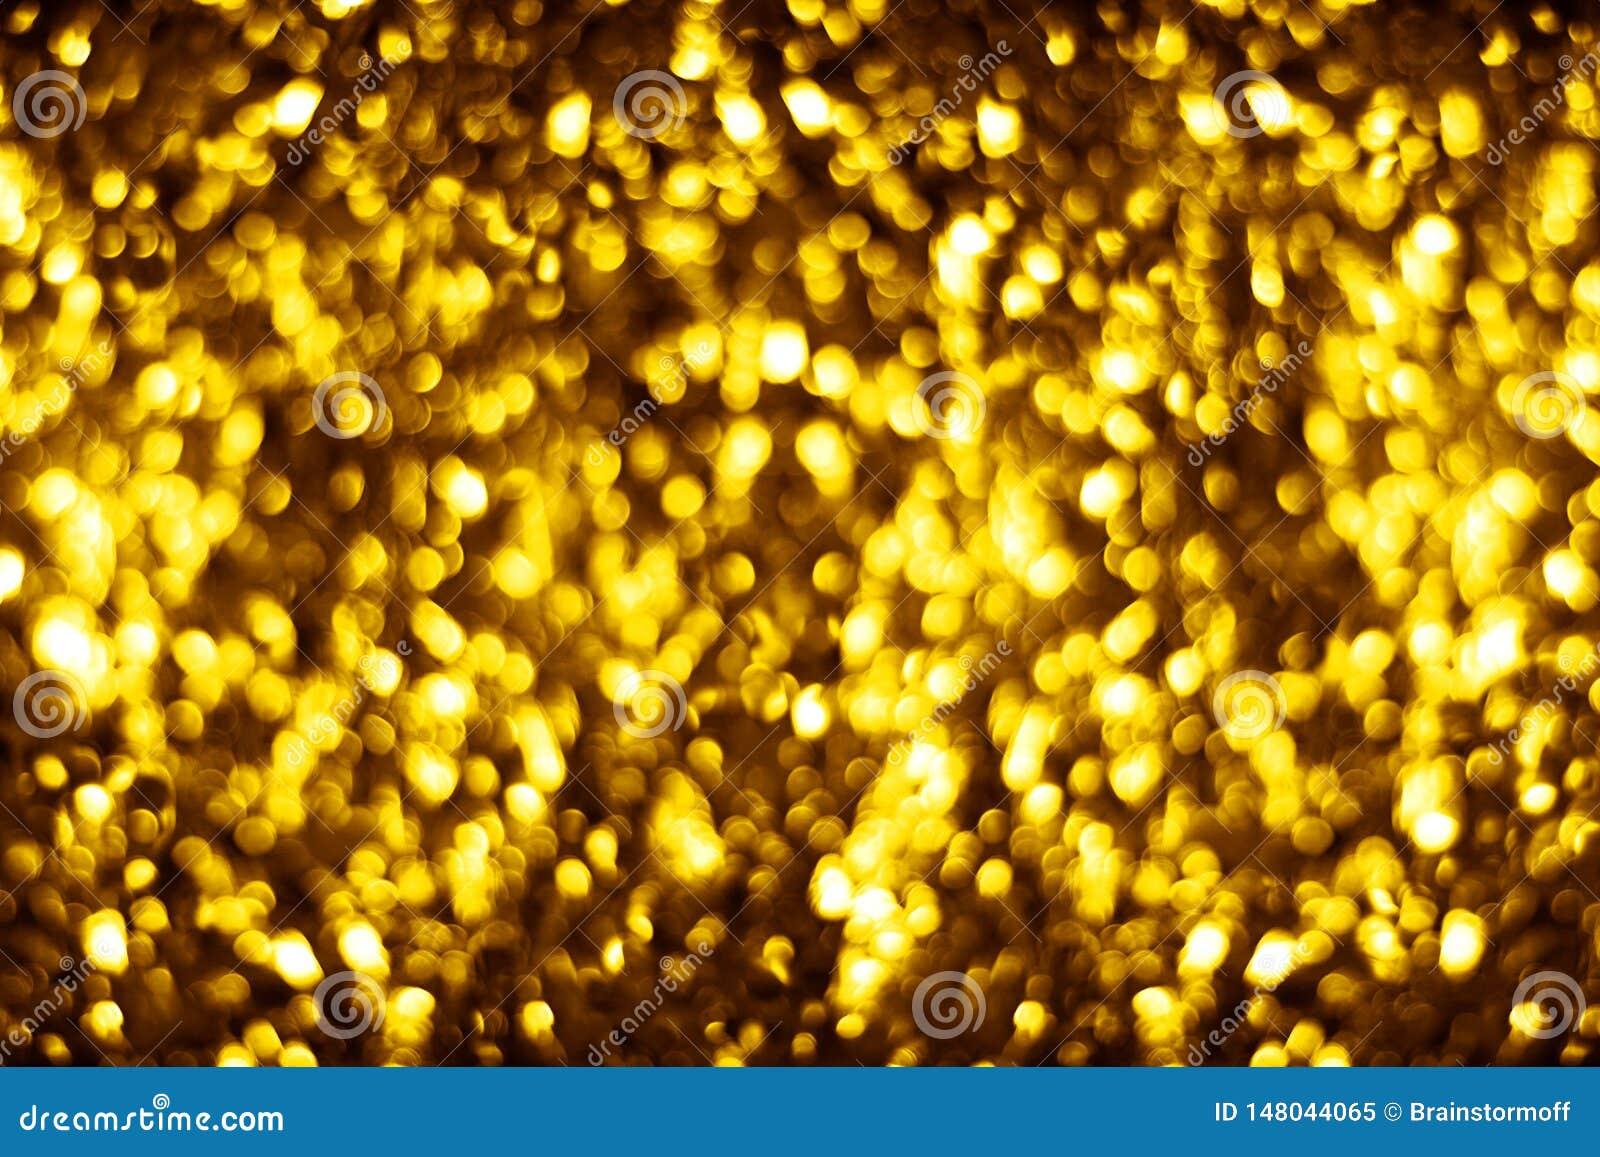 Запачканная золотая сияющая предпосылка bokeh яркого блеска, defocused желтый дизайн фона shimmer, пузыри золота сияющие круглые